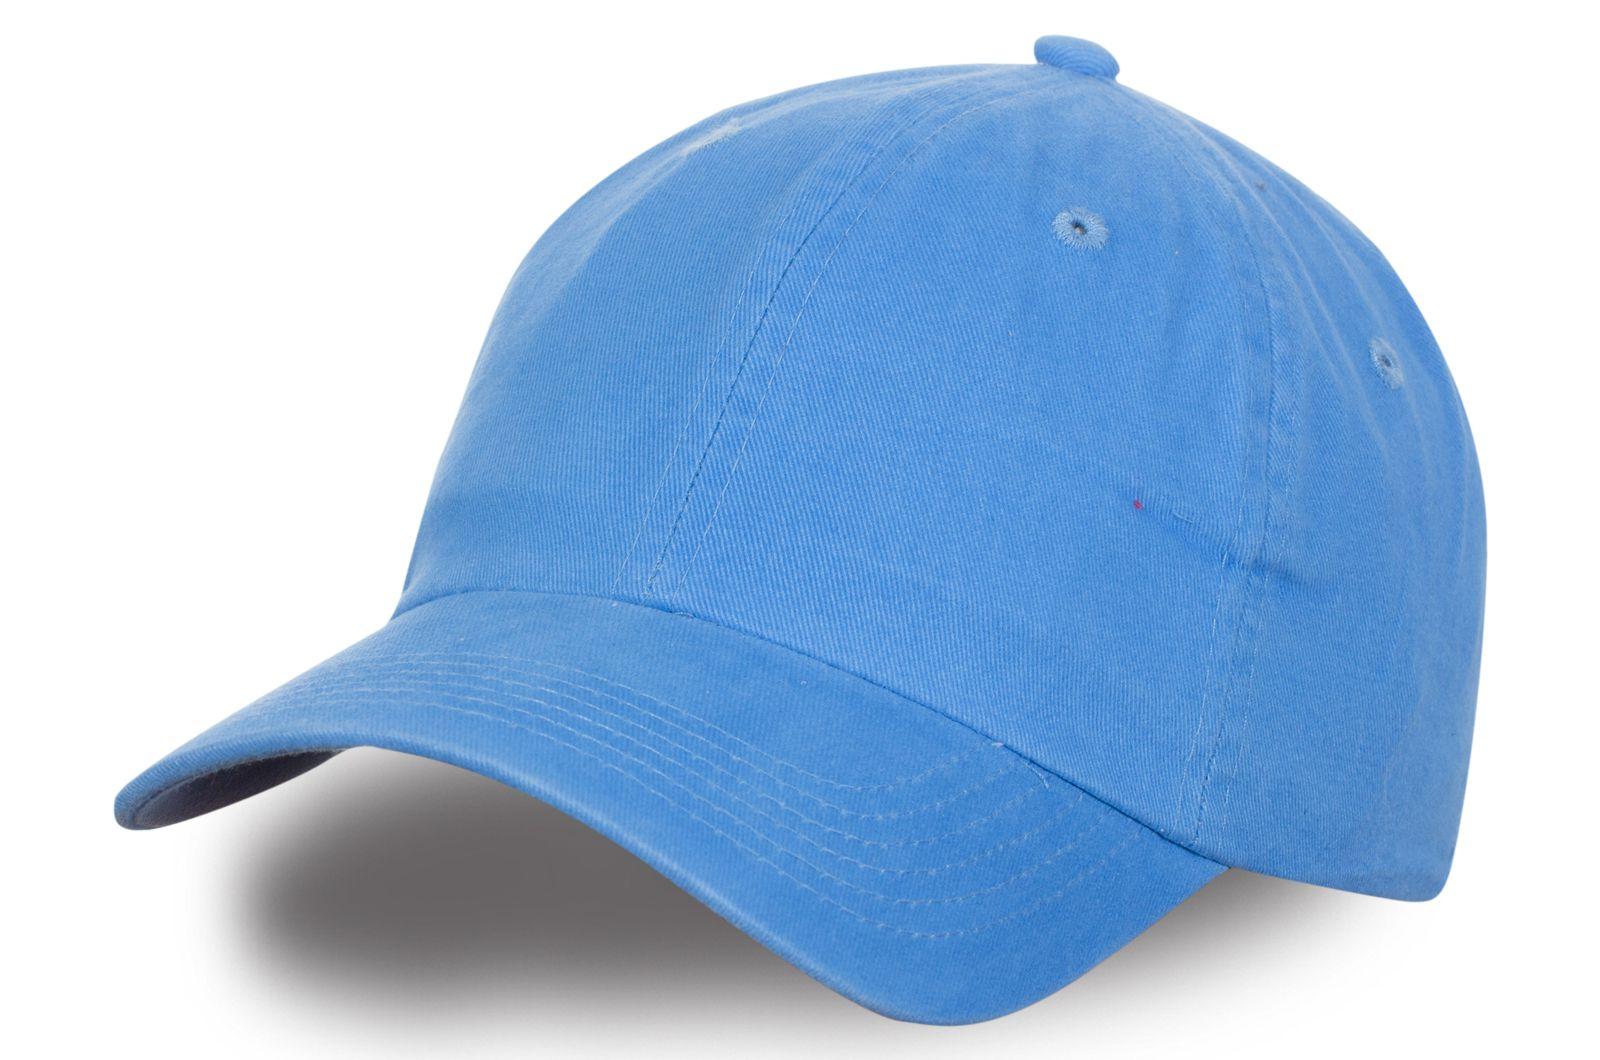 Бейсболка светло-голубая - купить онлайн недорого